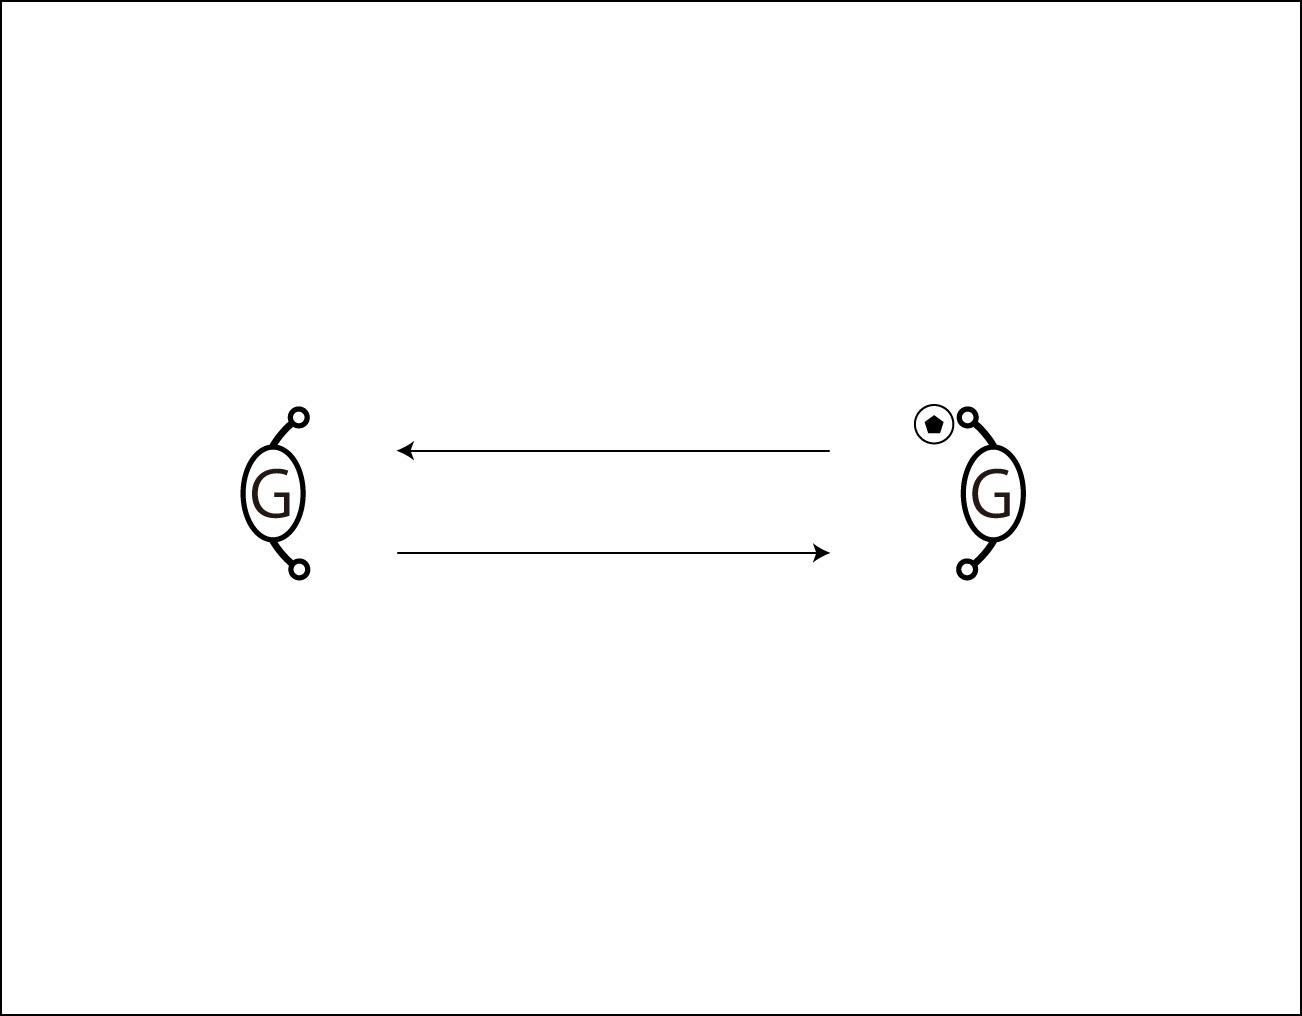 図解:シンプルキャッチ